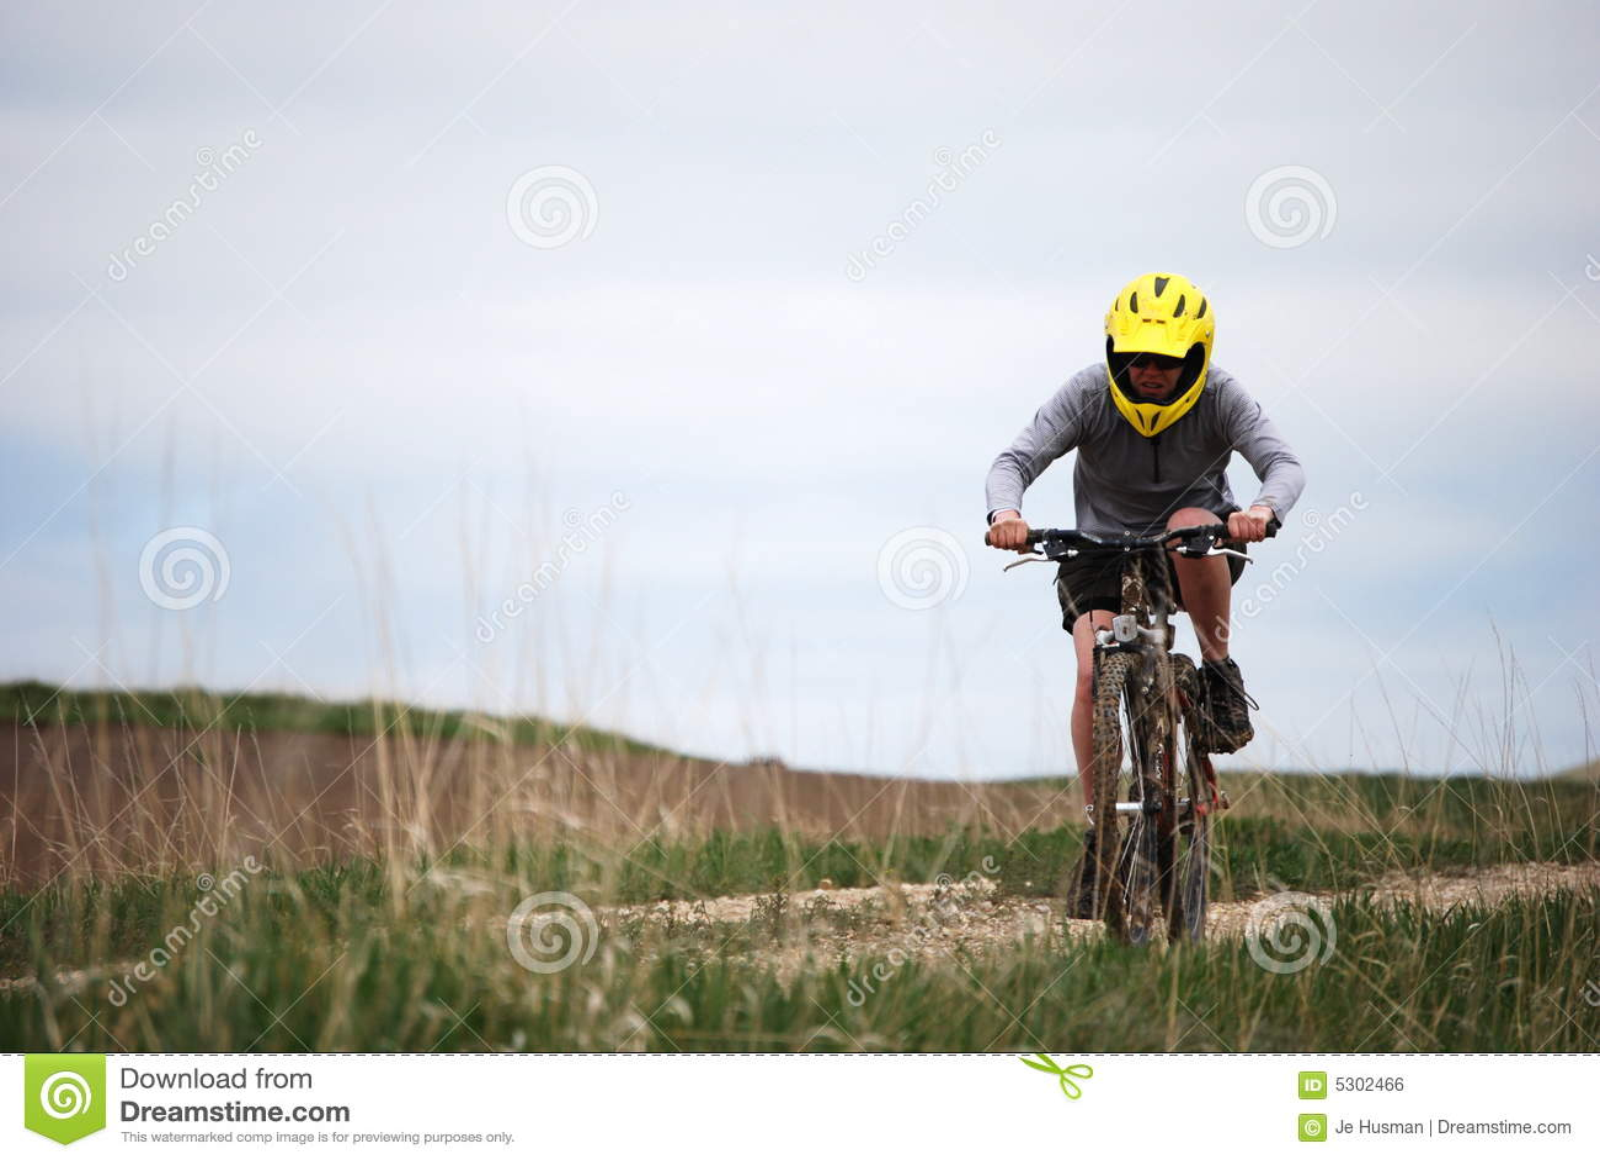 Download Motociclista Fangoso Della Montagna Fotografia Stock - Immagine di splattered, sport: 5302466